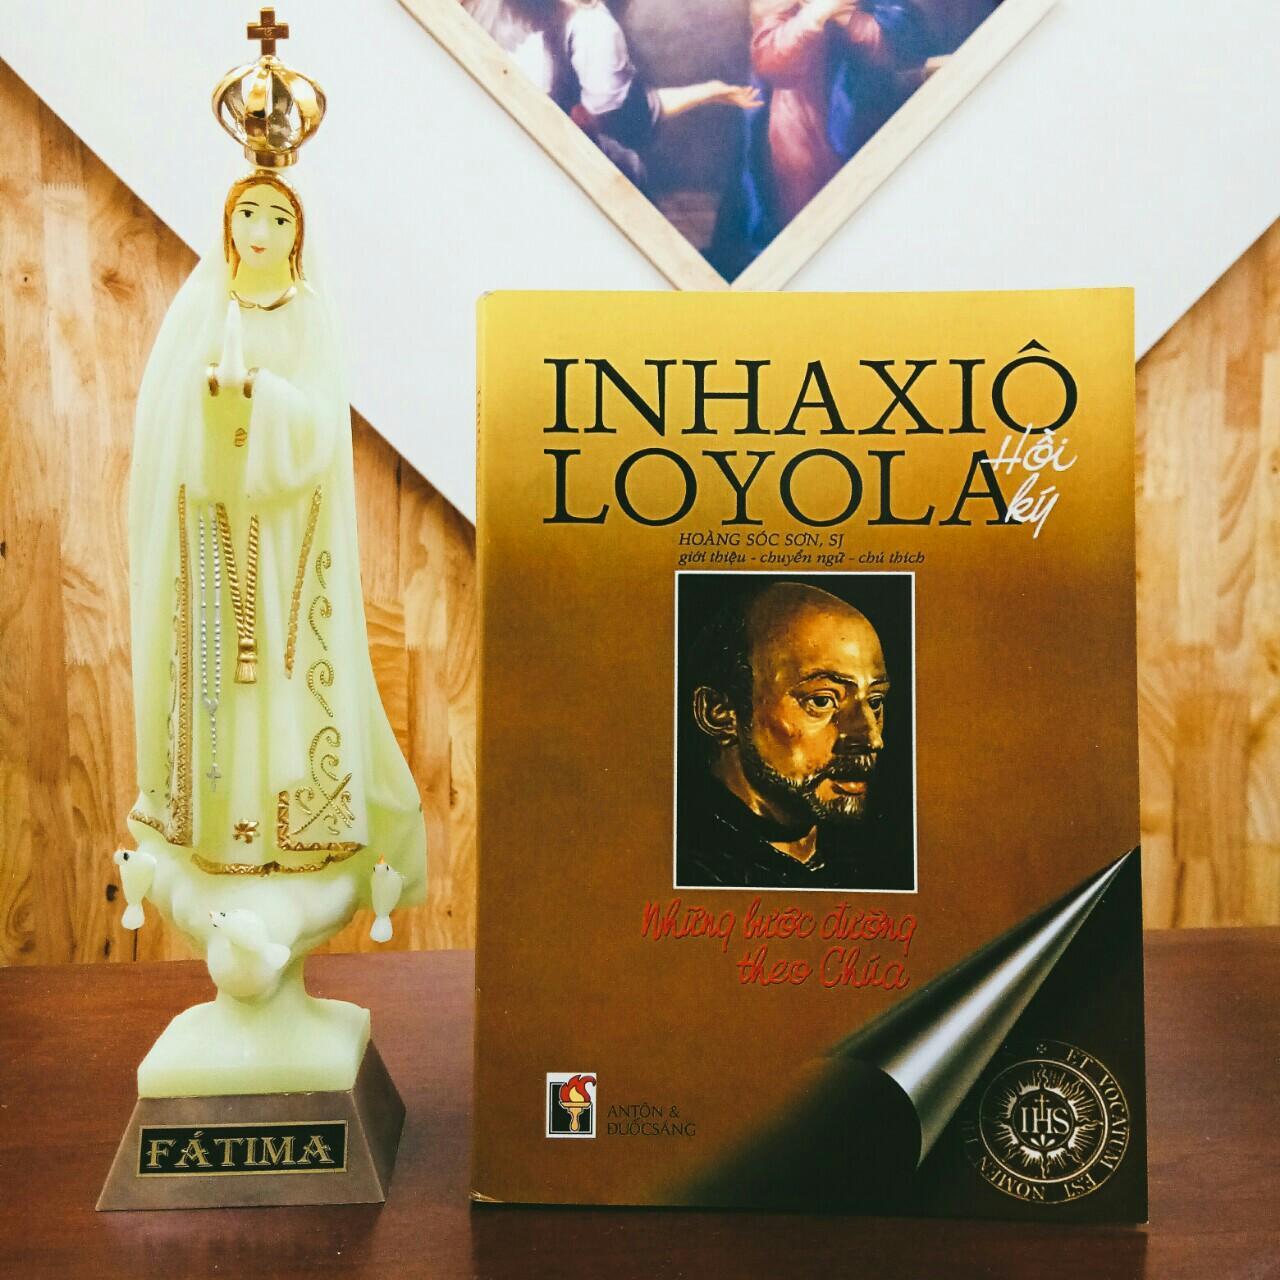 Mua Những bước đường theo Chúa (tự thuật thánh Inhaxio Loyola)